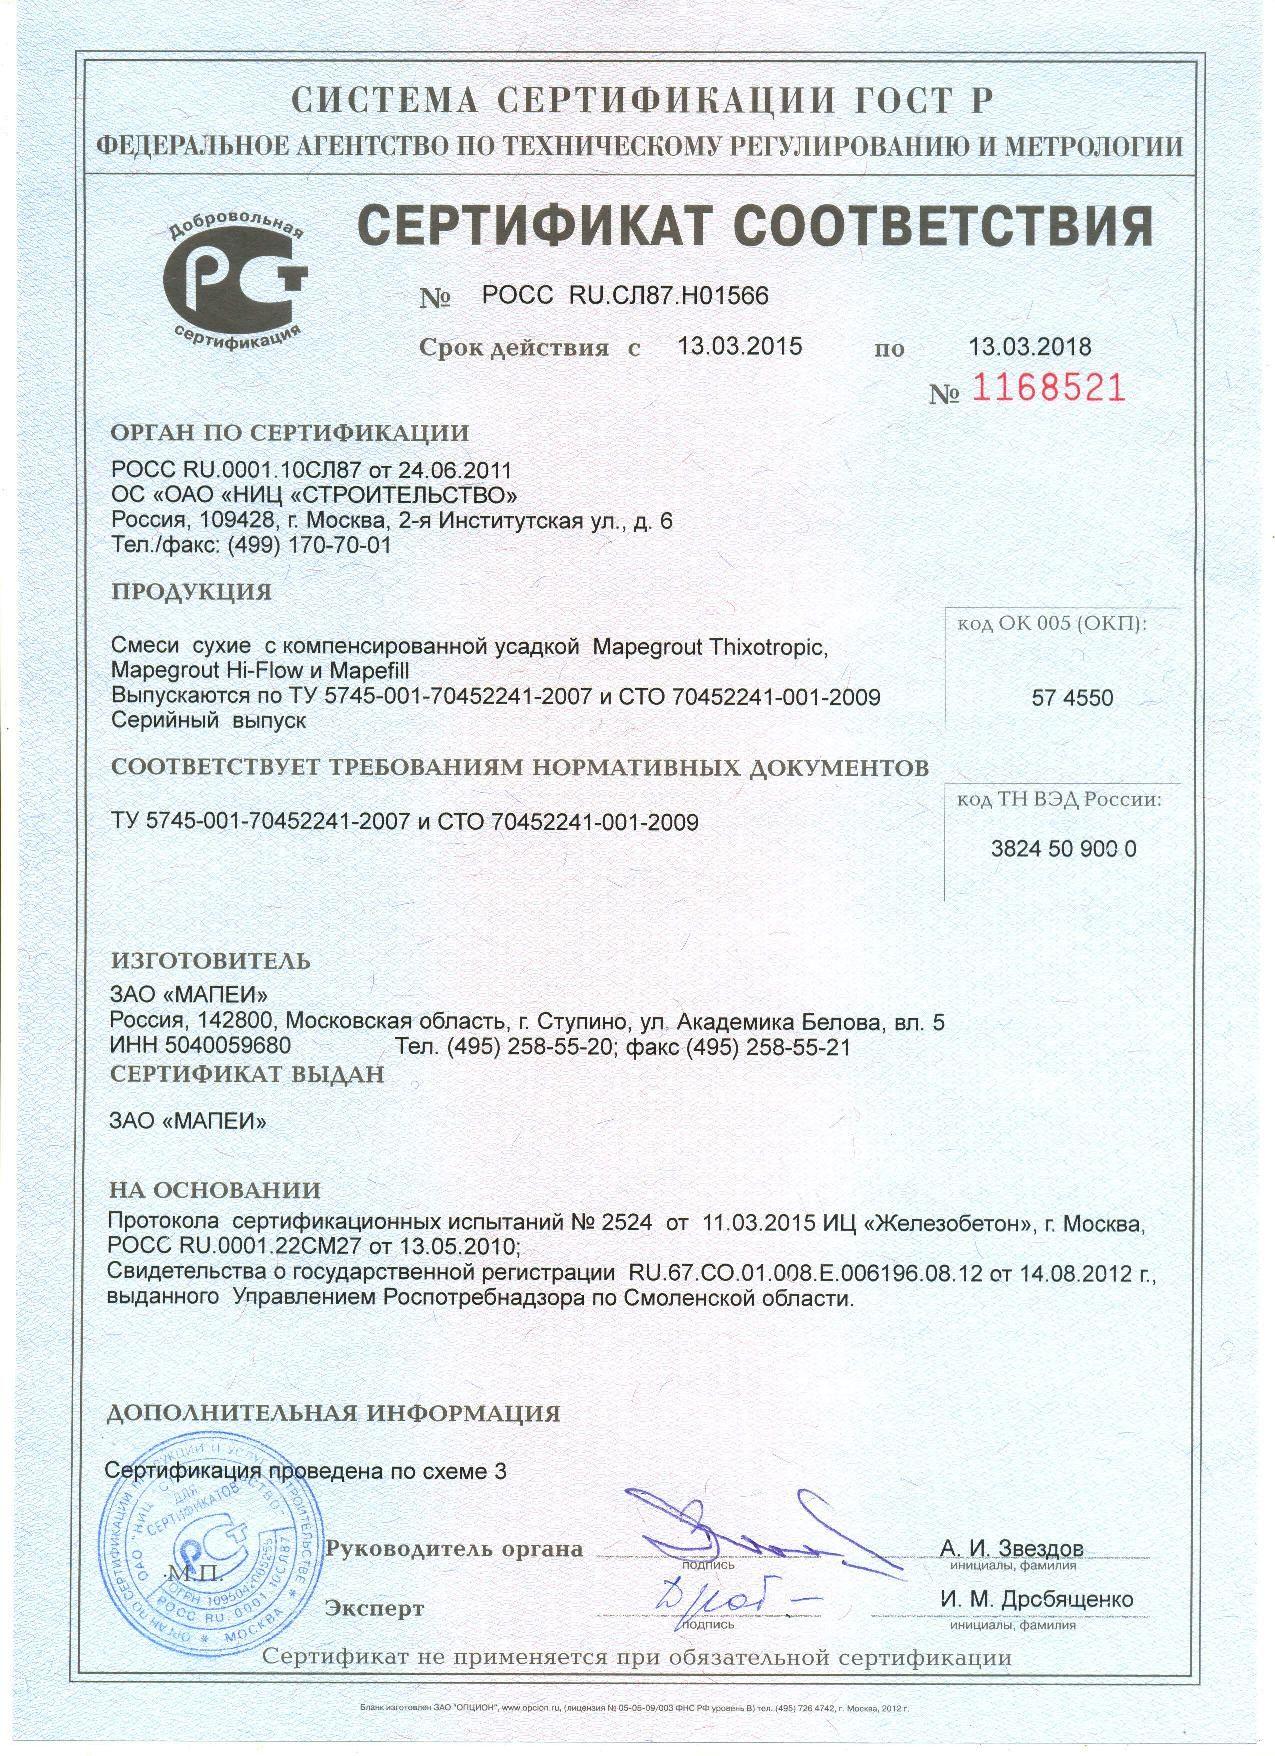 цены на раствор цементный в москве